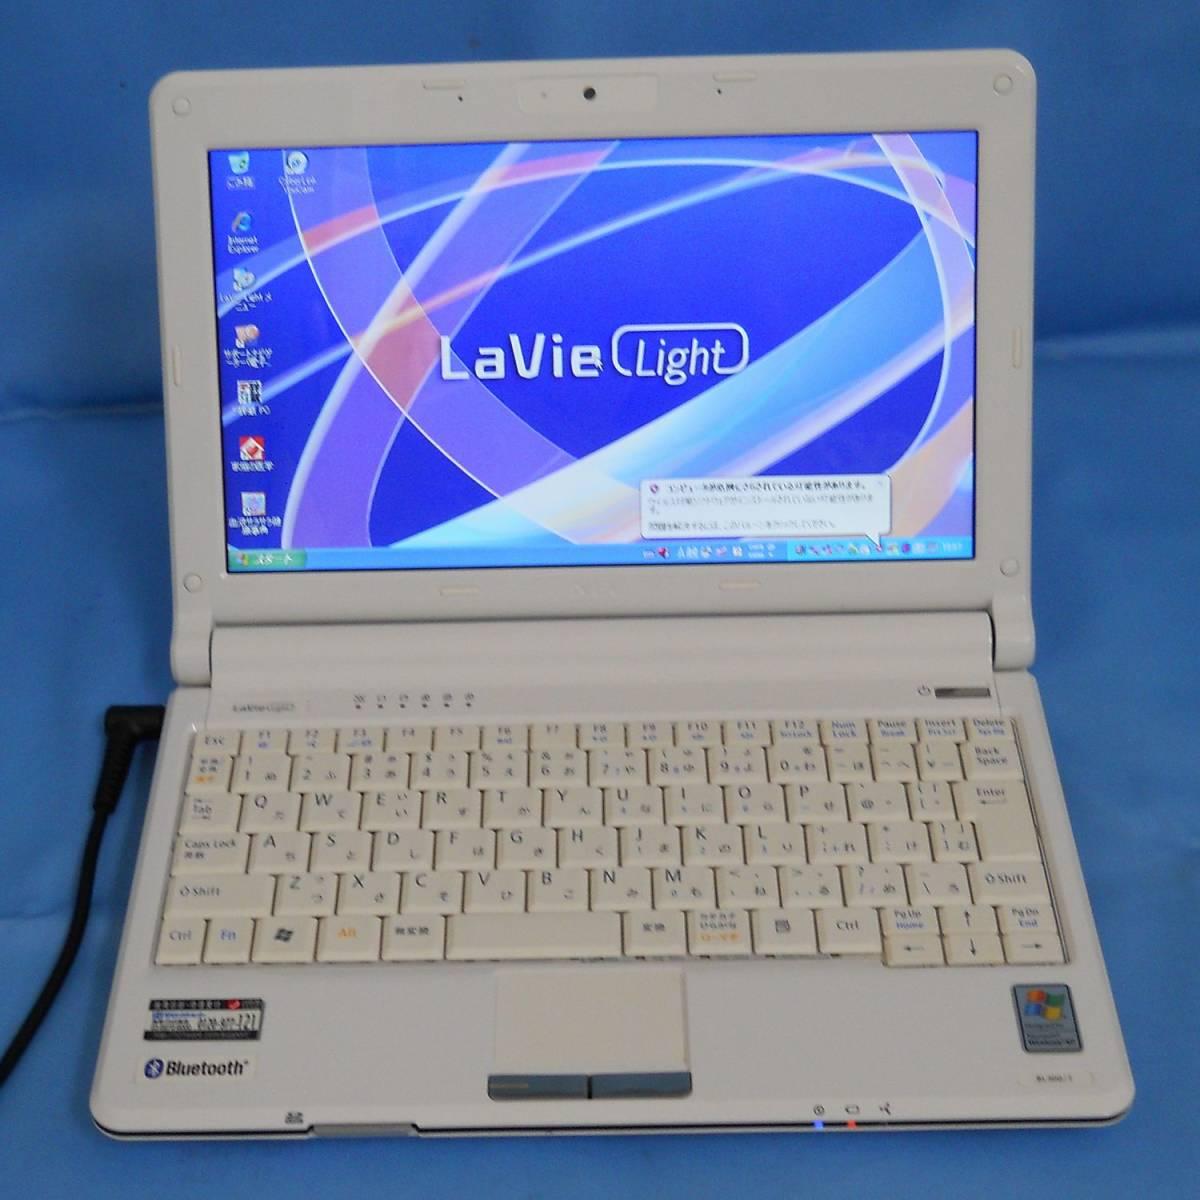 ★レア★動確★Windows XP Home Edition SP3 純正リカバリ済 IntelSSD換装★LaVie Light BL300/TA6W PC-BL300TA6W XP専用ソフトや研究用途